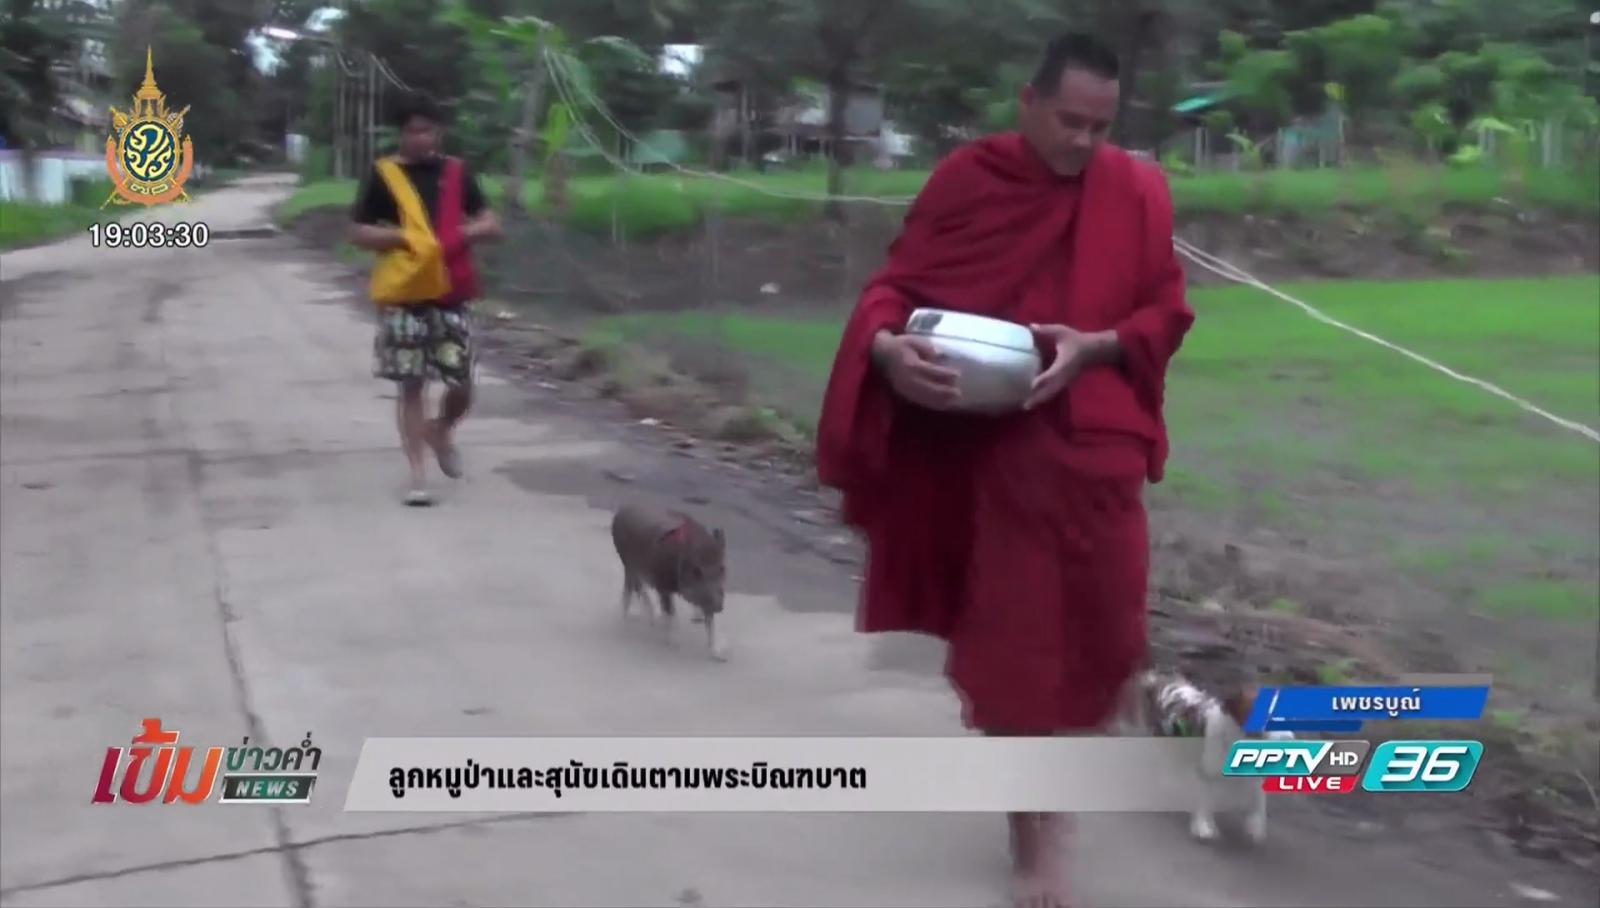 บุษบา หาเรื่องมาเป็นข่าว ลูกหมูป่าและสุนัขเดินตามพระบิณฑบาต กับ สุโขทัยใส่ผ้าถุง นุ่งโจงจูงมือเด็กเข้าวัด